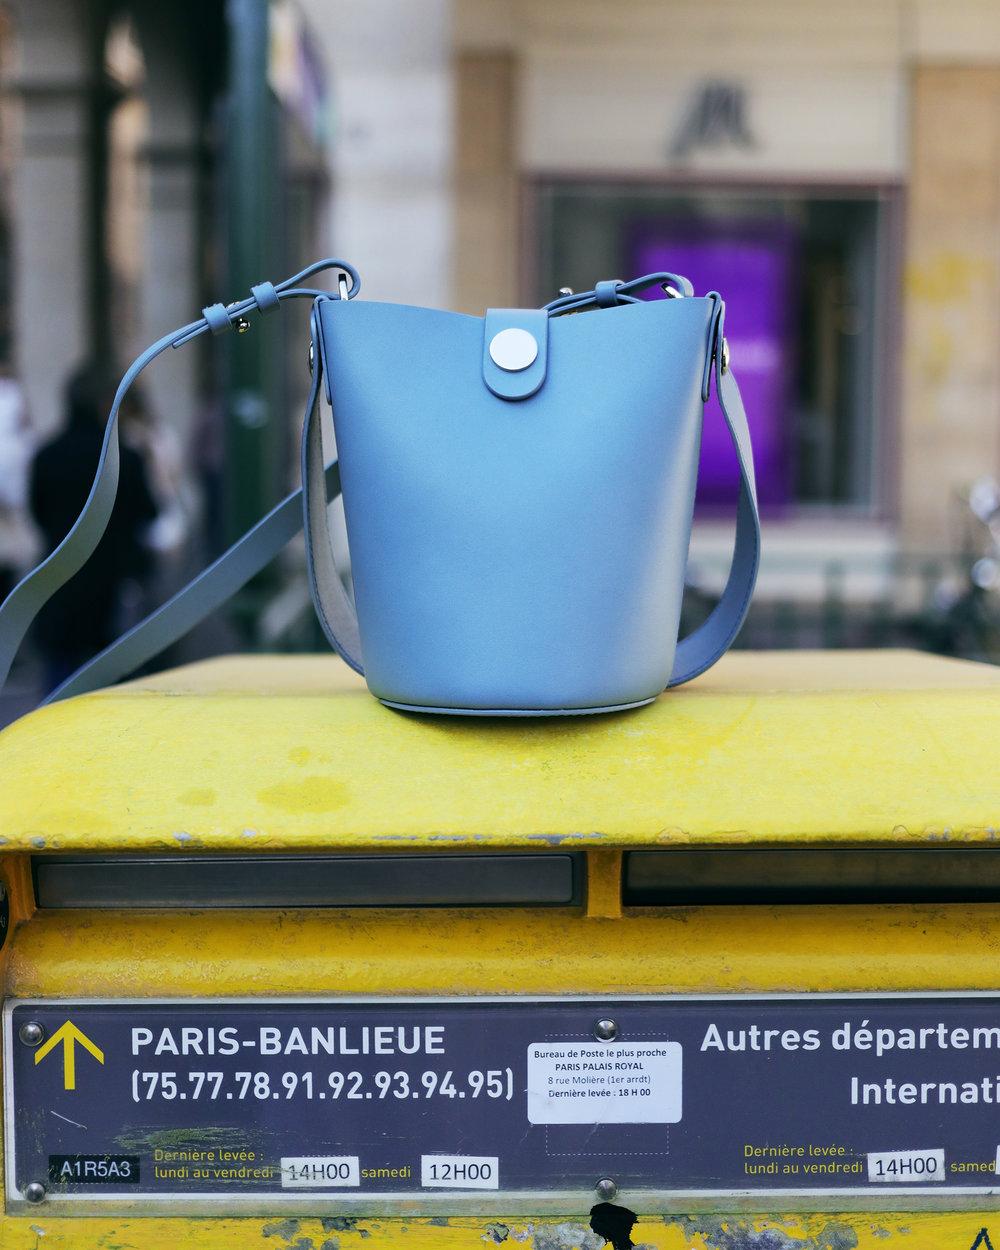 Paris Banlieue fashion handbag